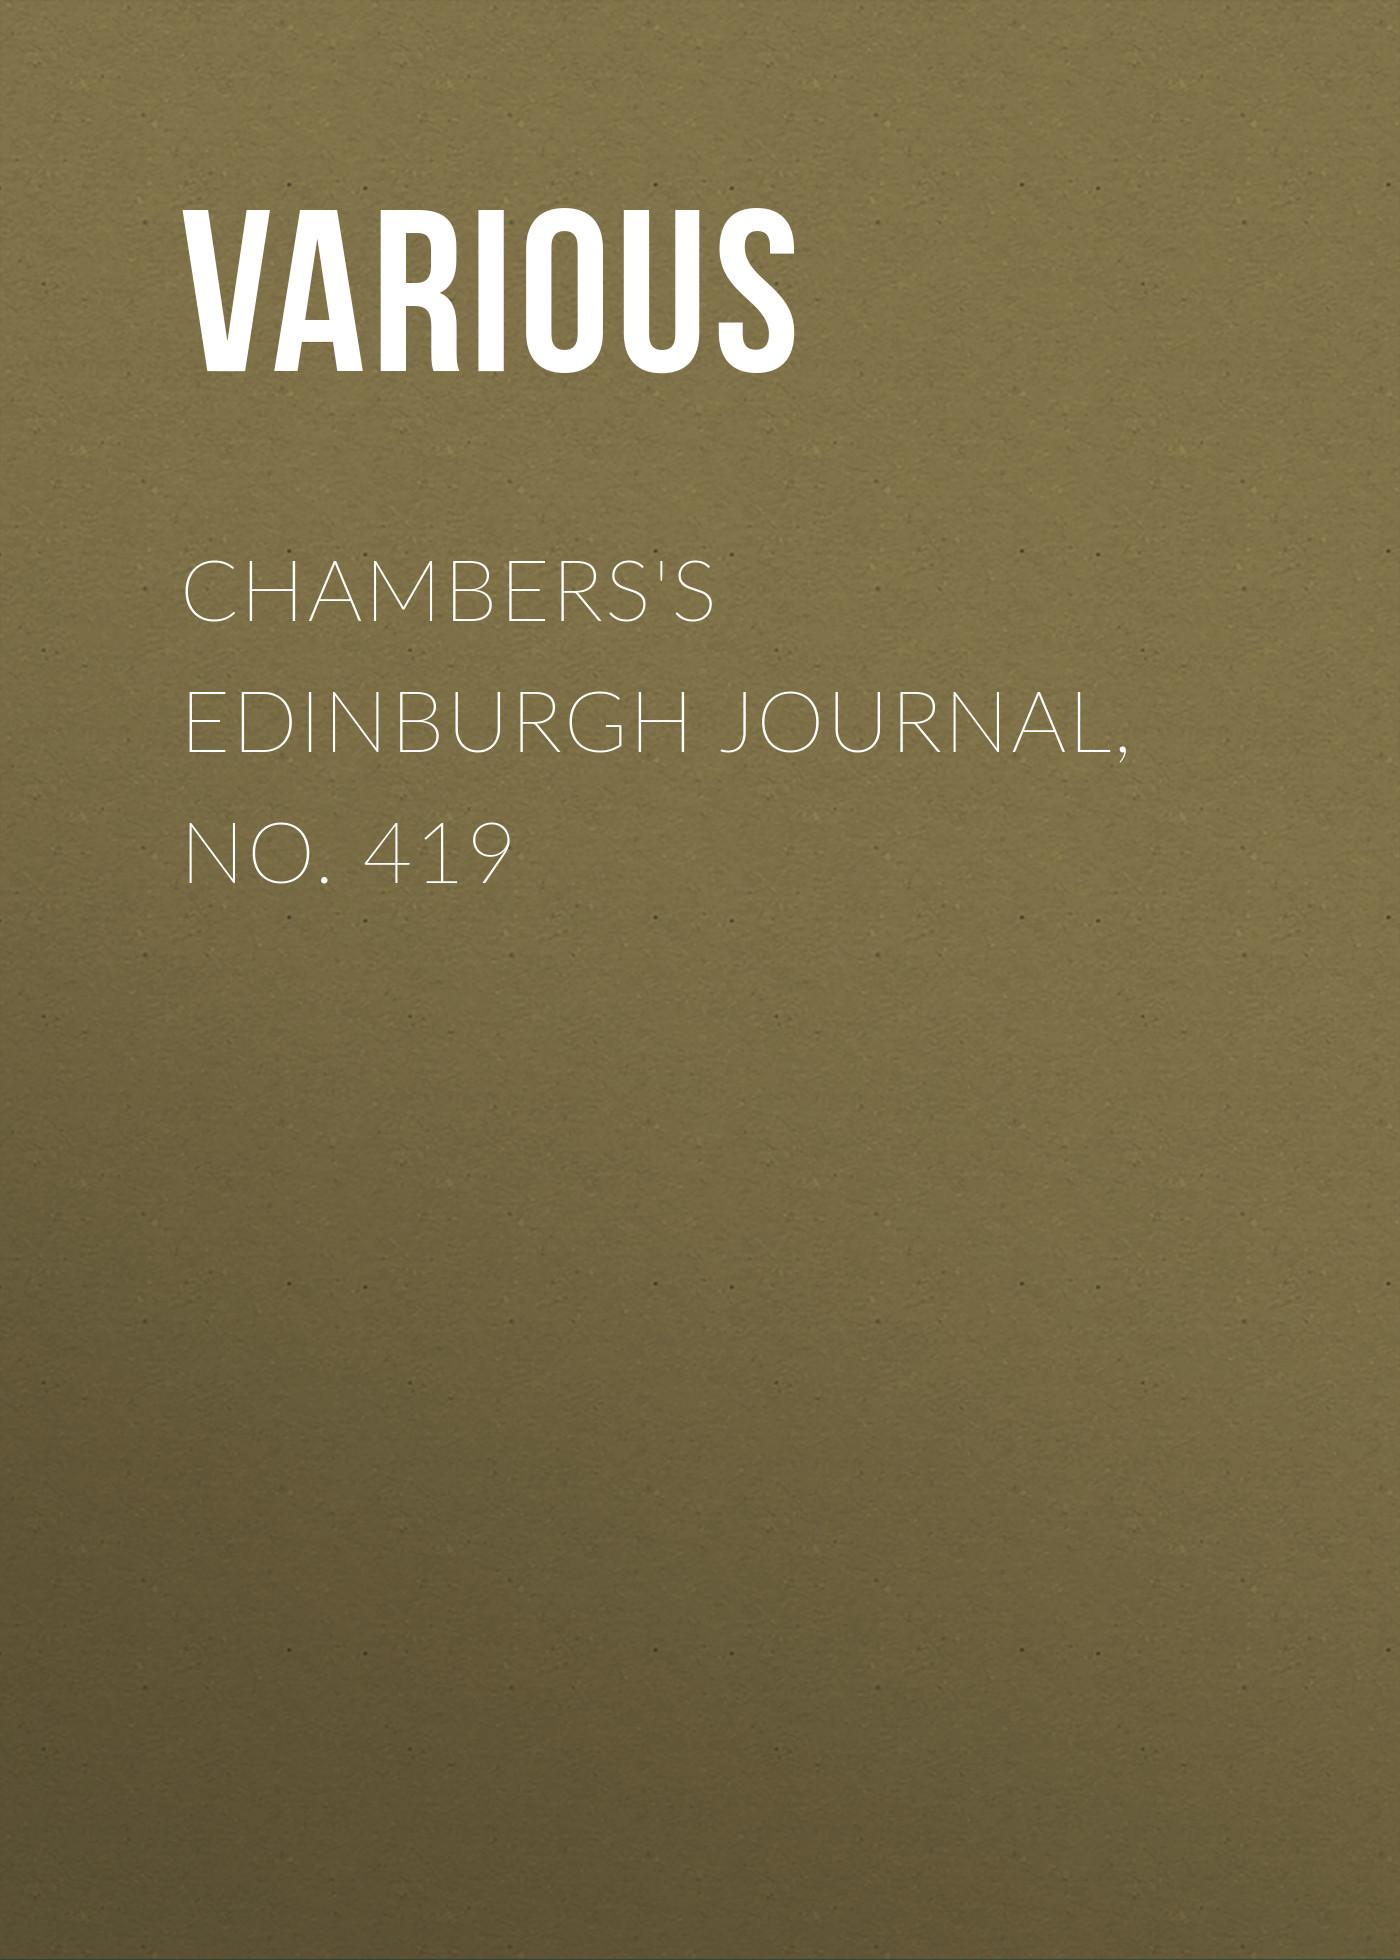 Chambers's Edinburgh Journal, No. 419